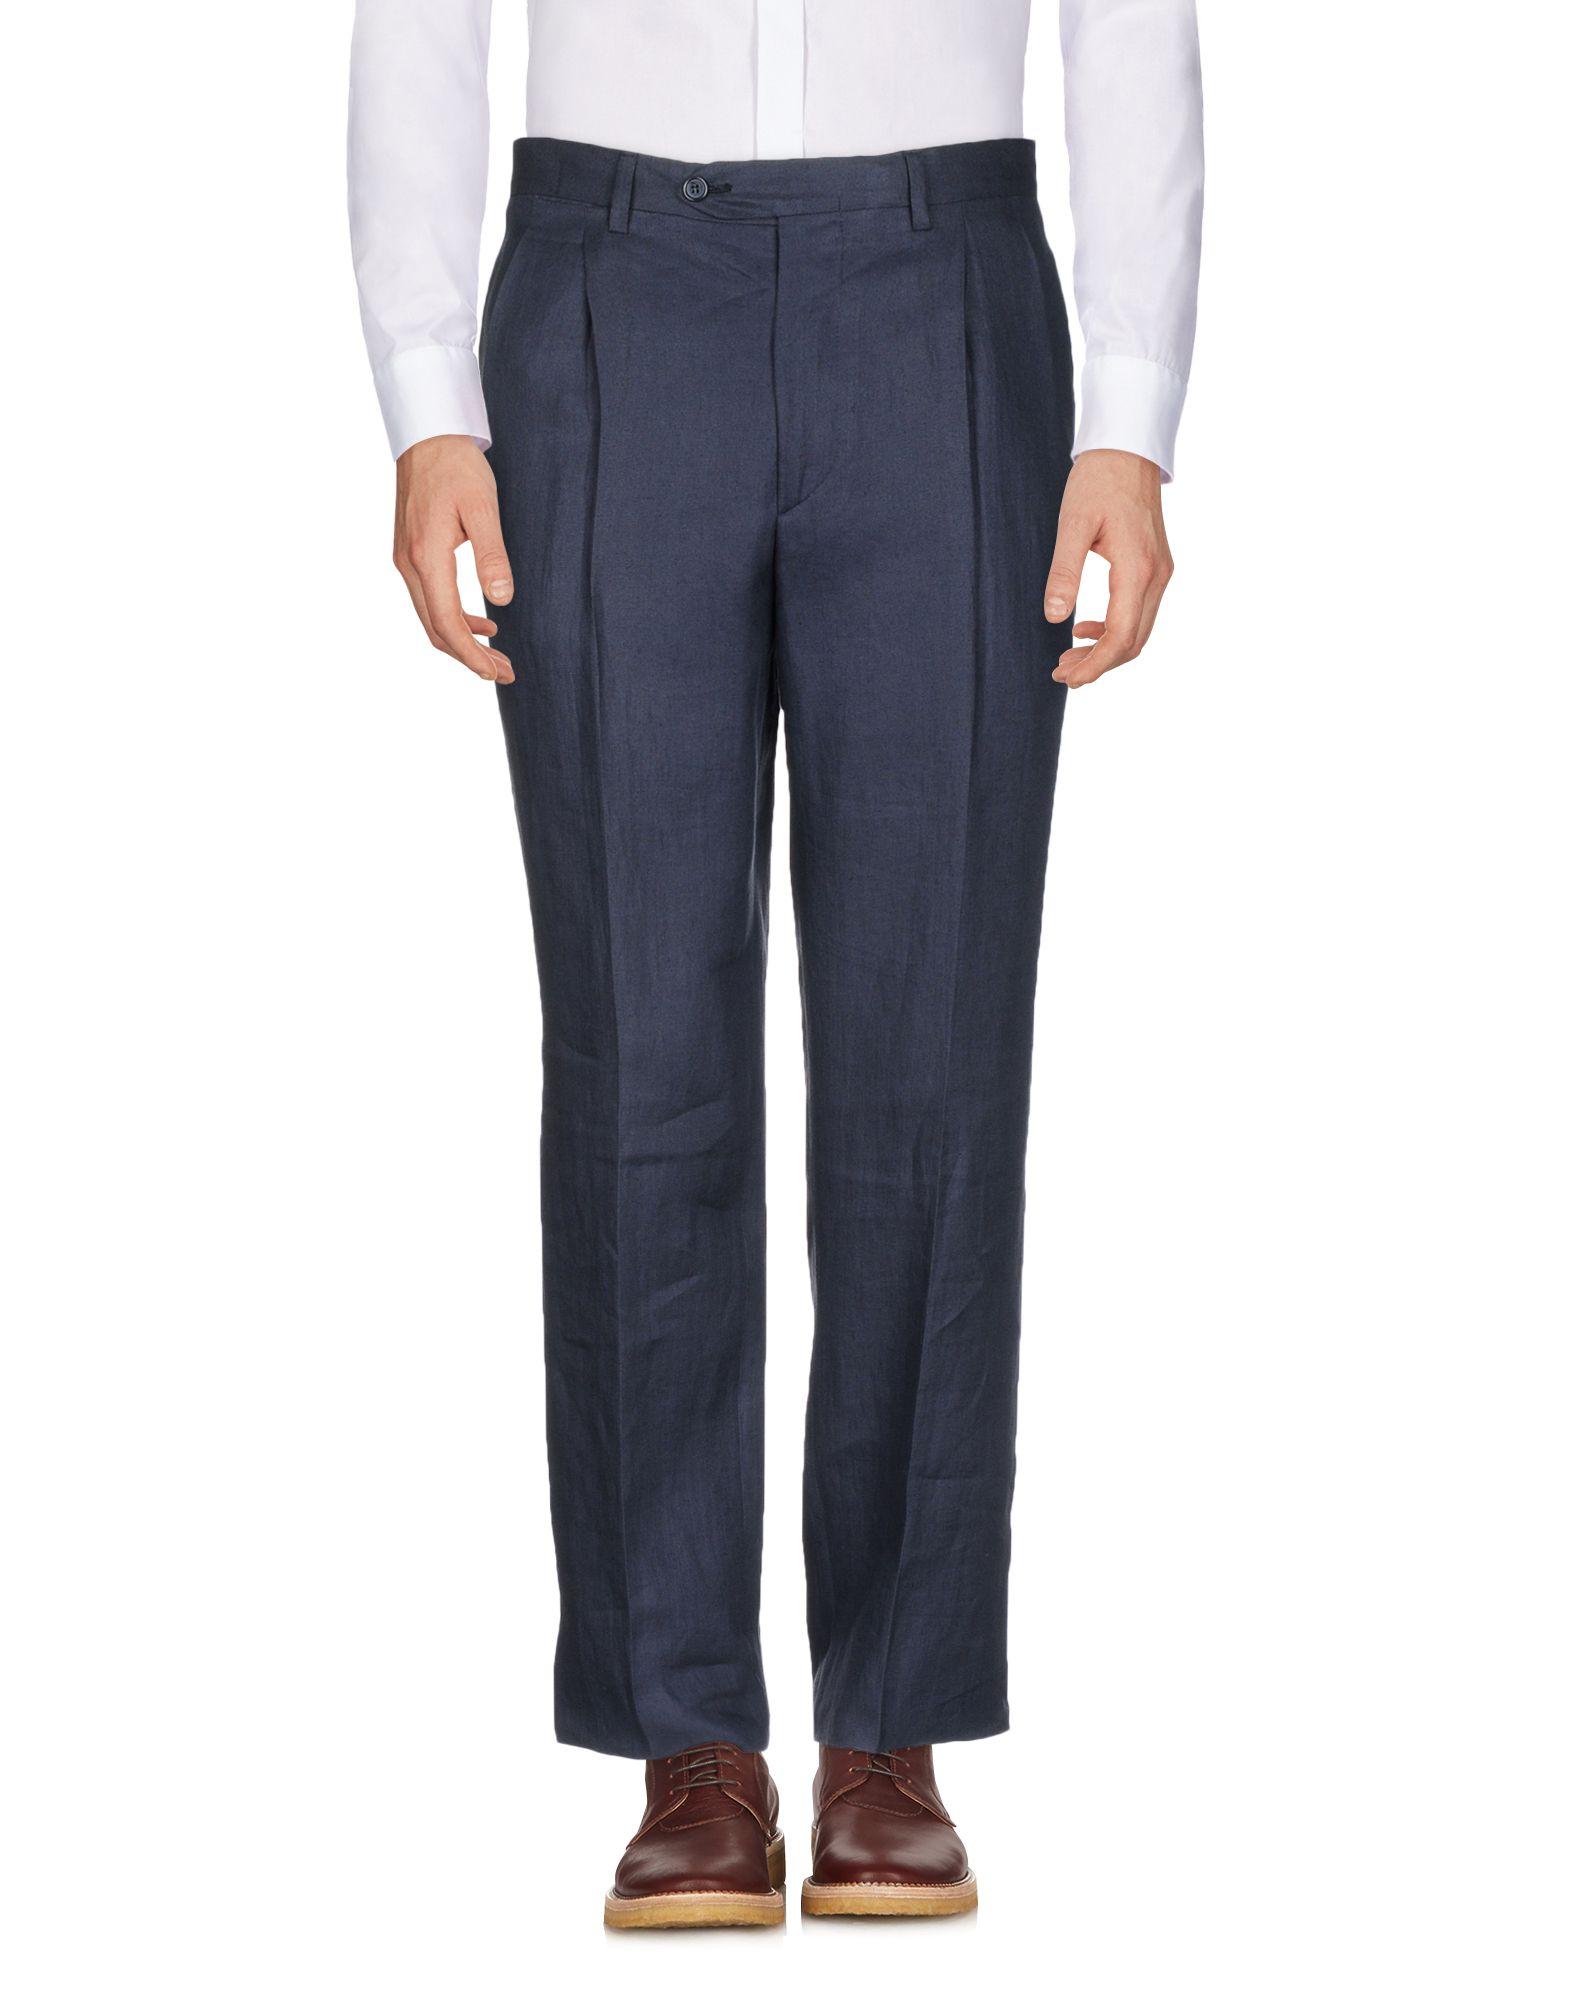 Pantalone F.Lli Ormezzano Uomo - Acquista online su